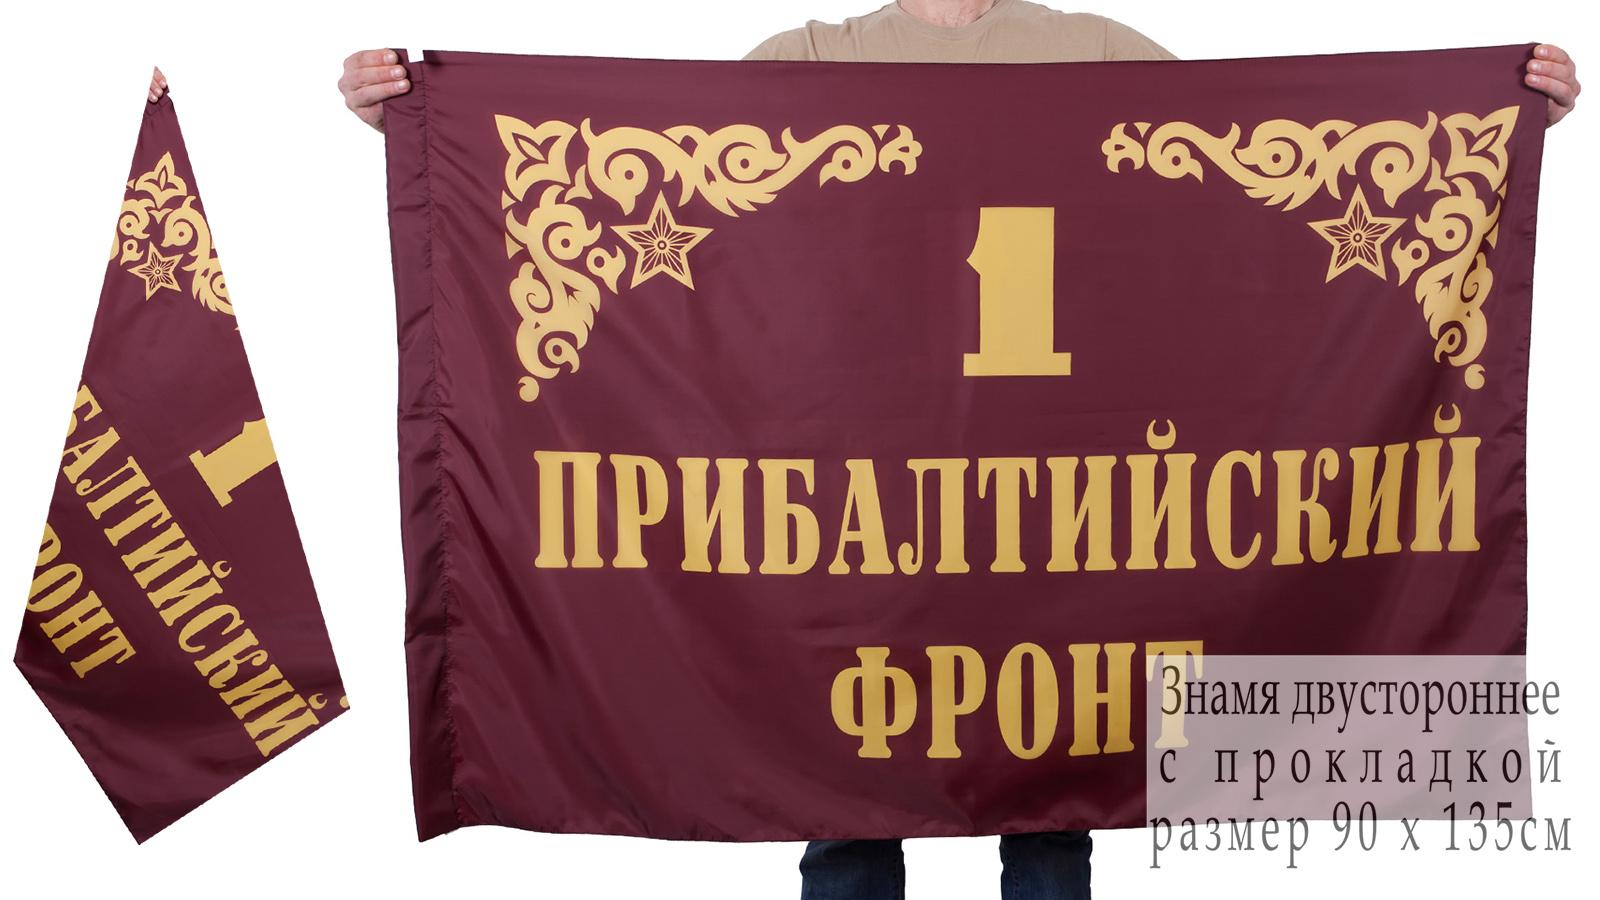 Двухстороннее знамя 1-го Прибалтийского фронта